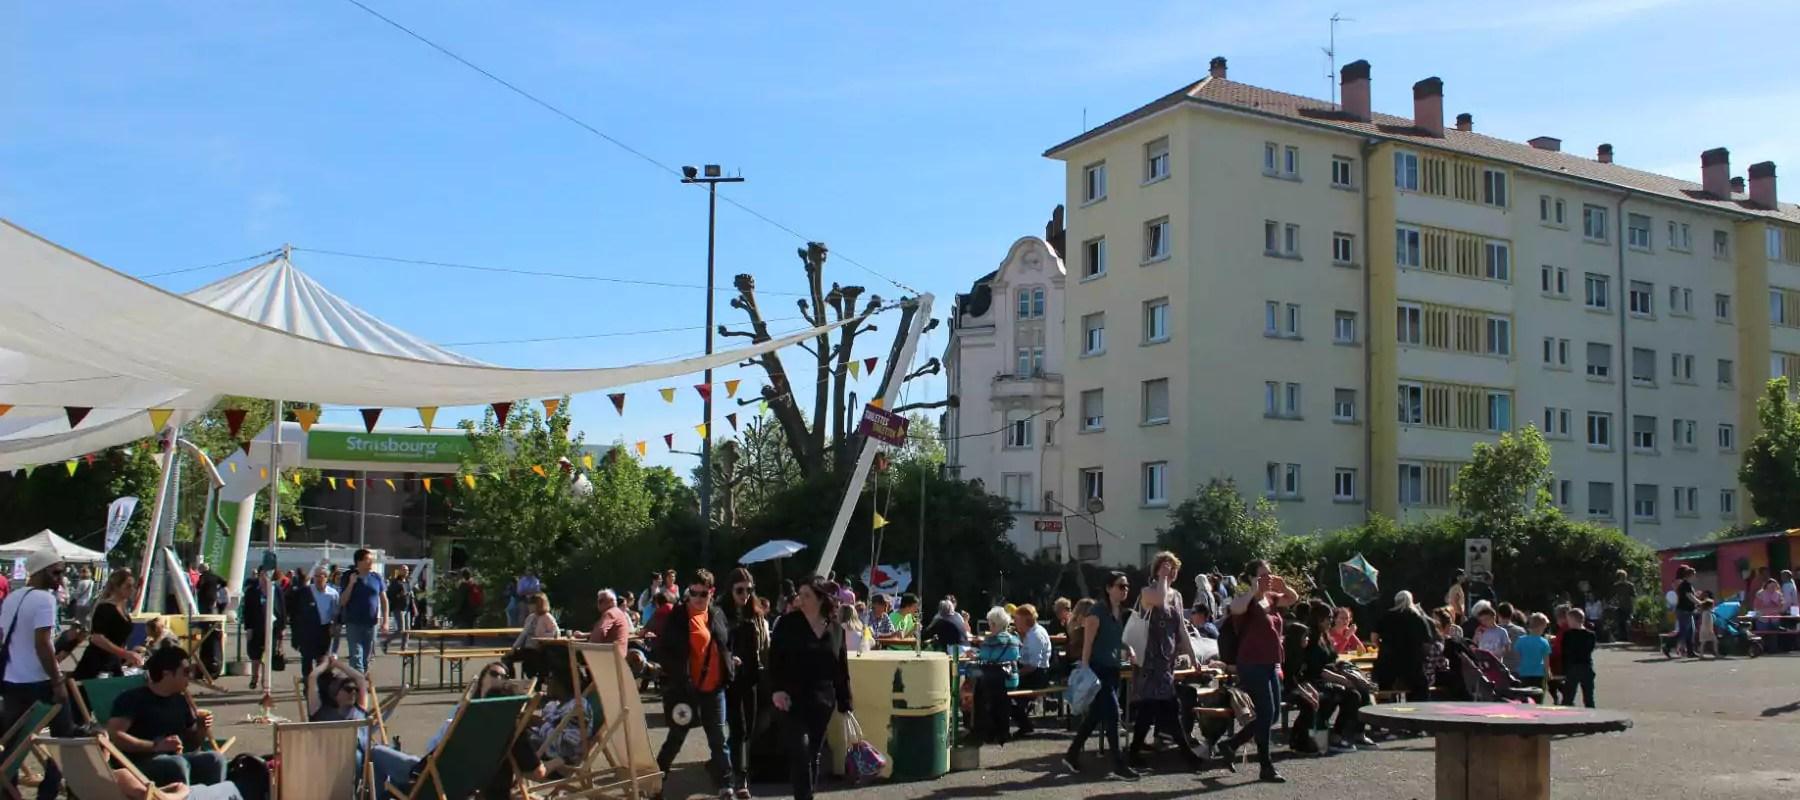 Dans le quartier historique du Port-du-Rhin, le tram ne va pas tout régler